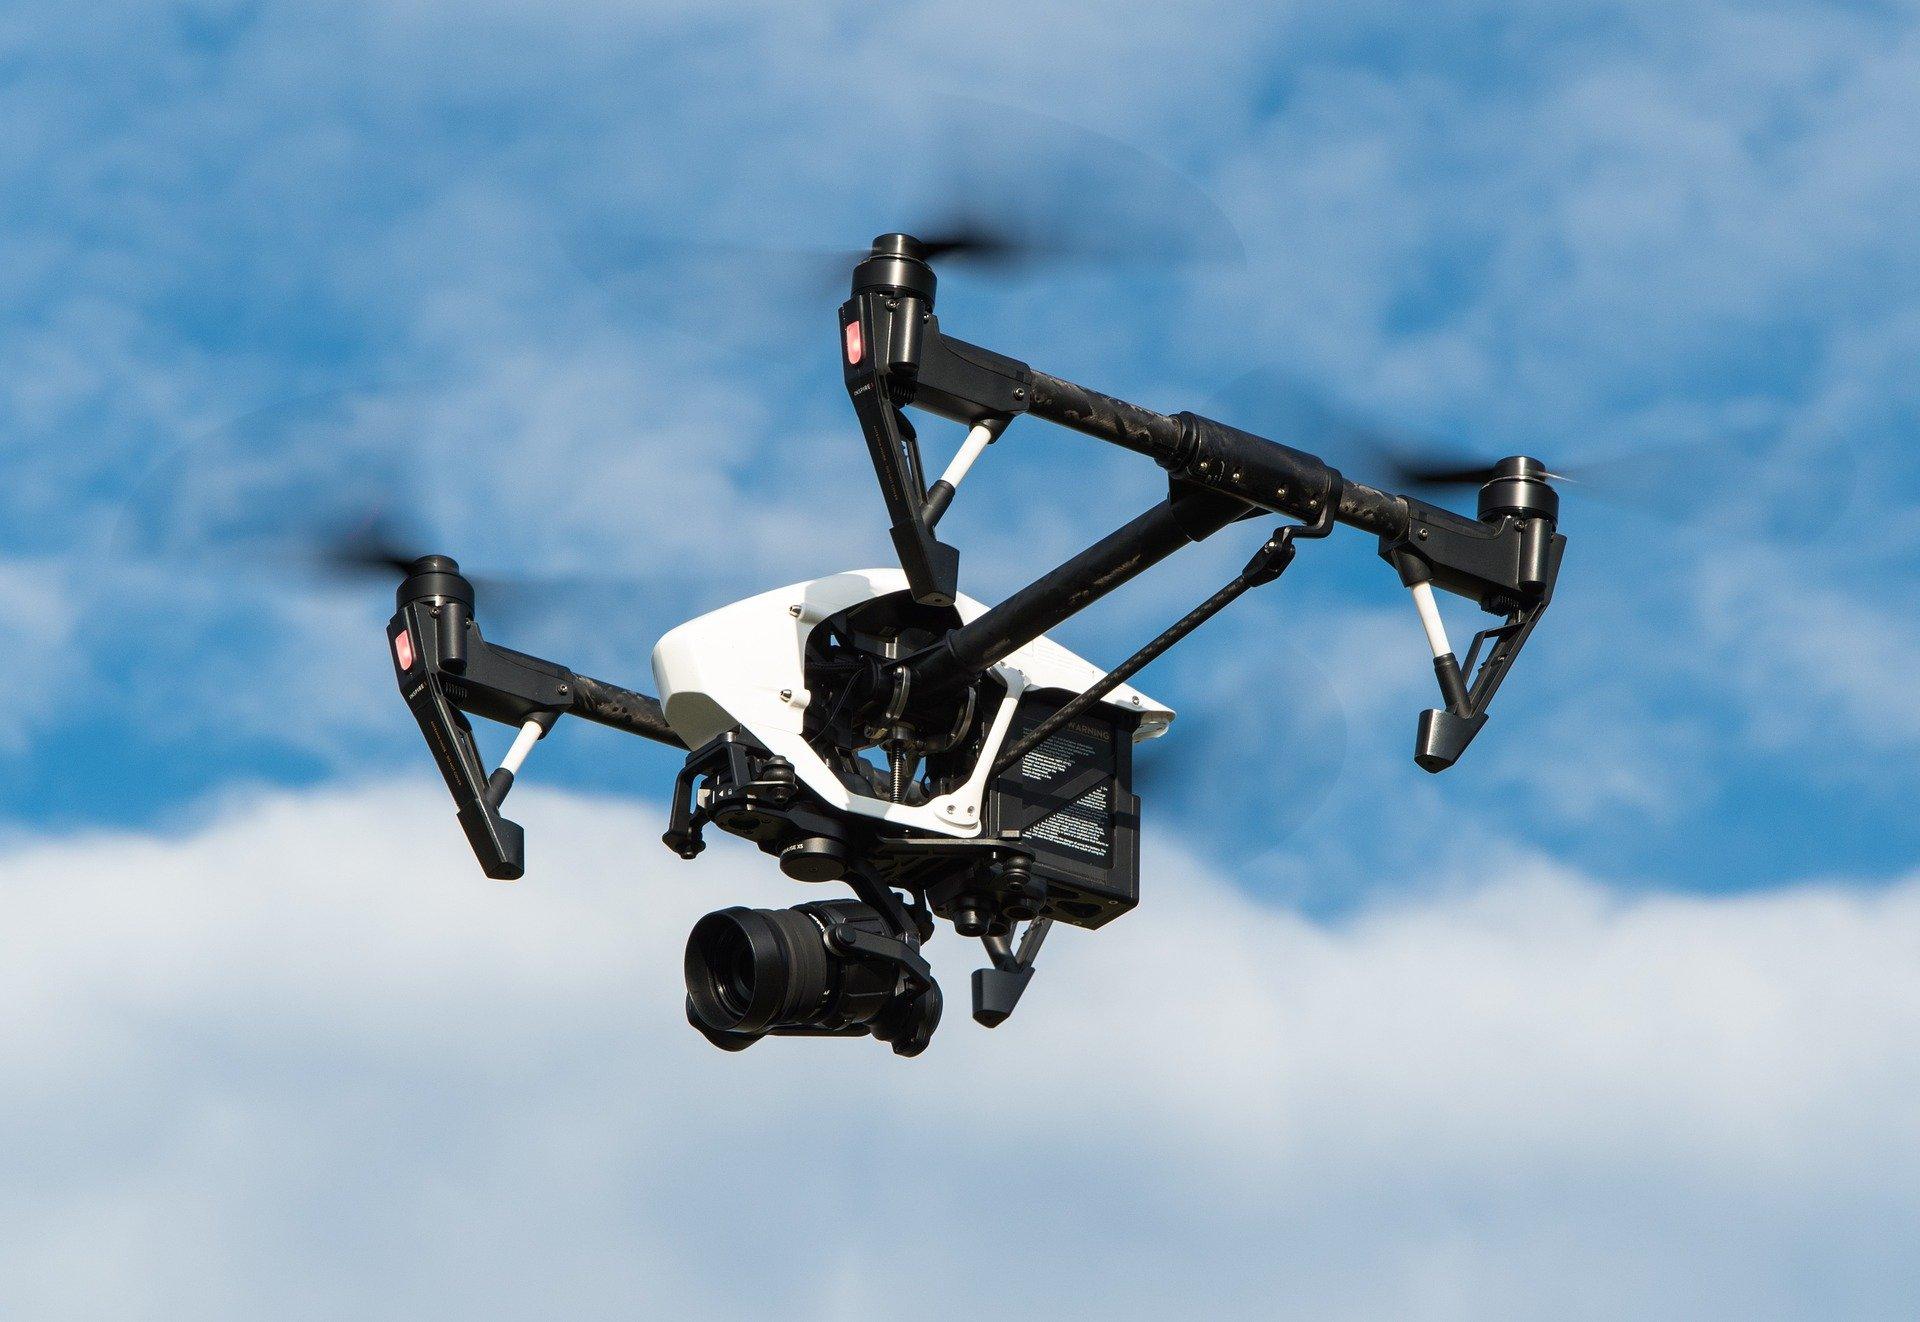 drone-1080844_1920-36500fb99a2de163e51d59bbc789697f2c91e388